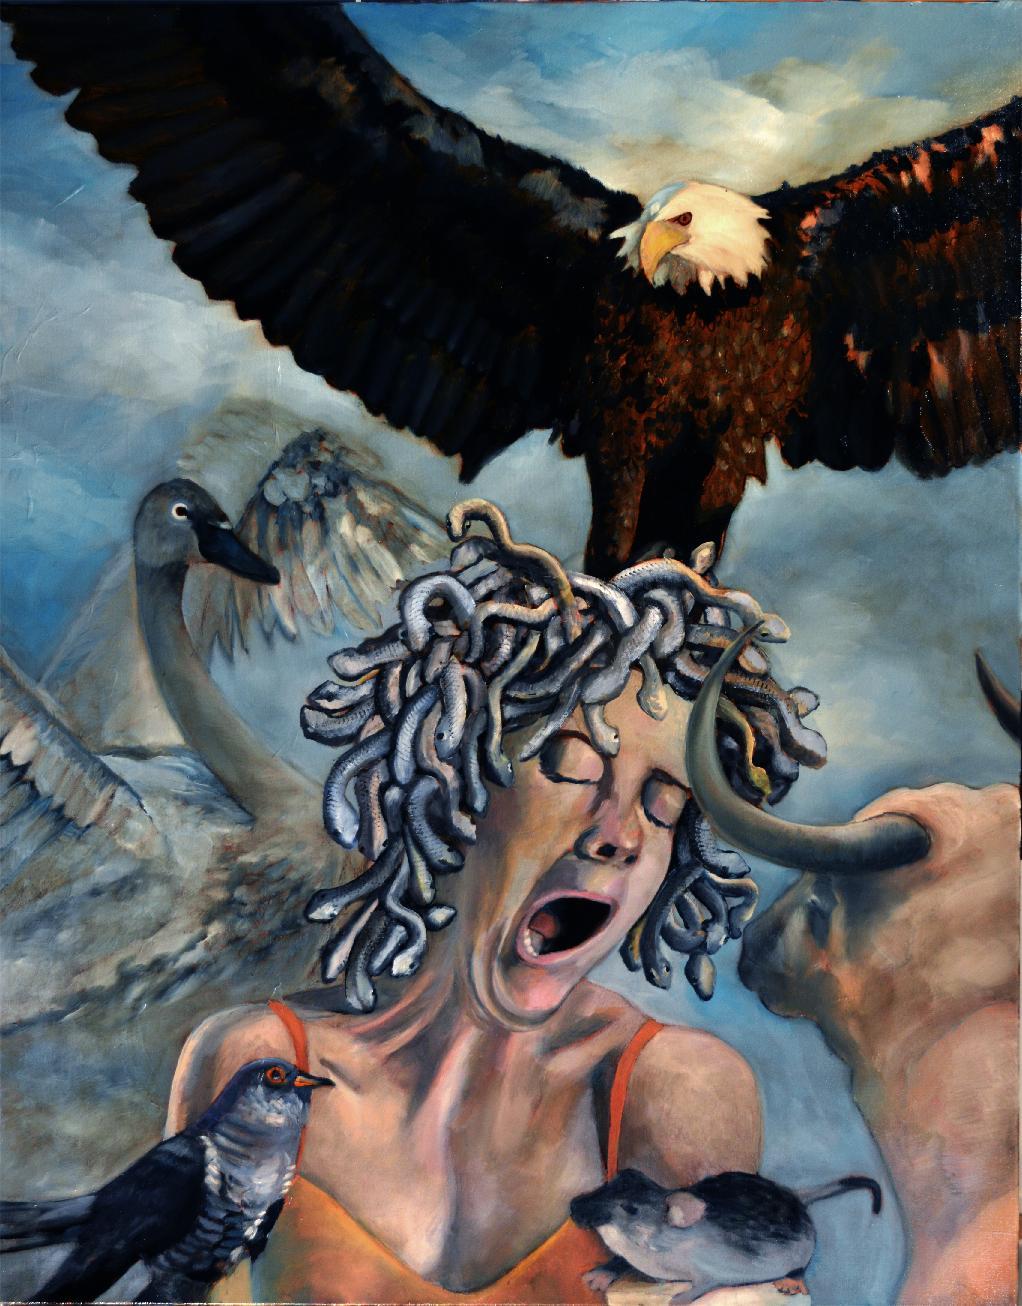 Zeus Frustration, Modern Art Portrait Oil Painting Canvas Blue Figurative Woman